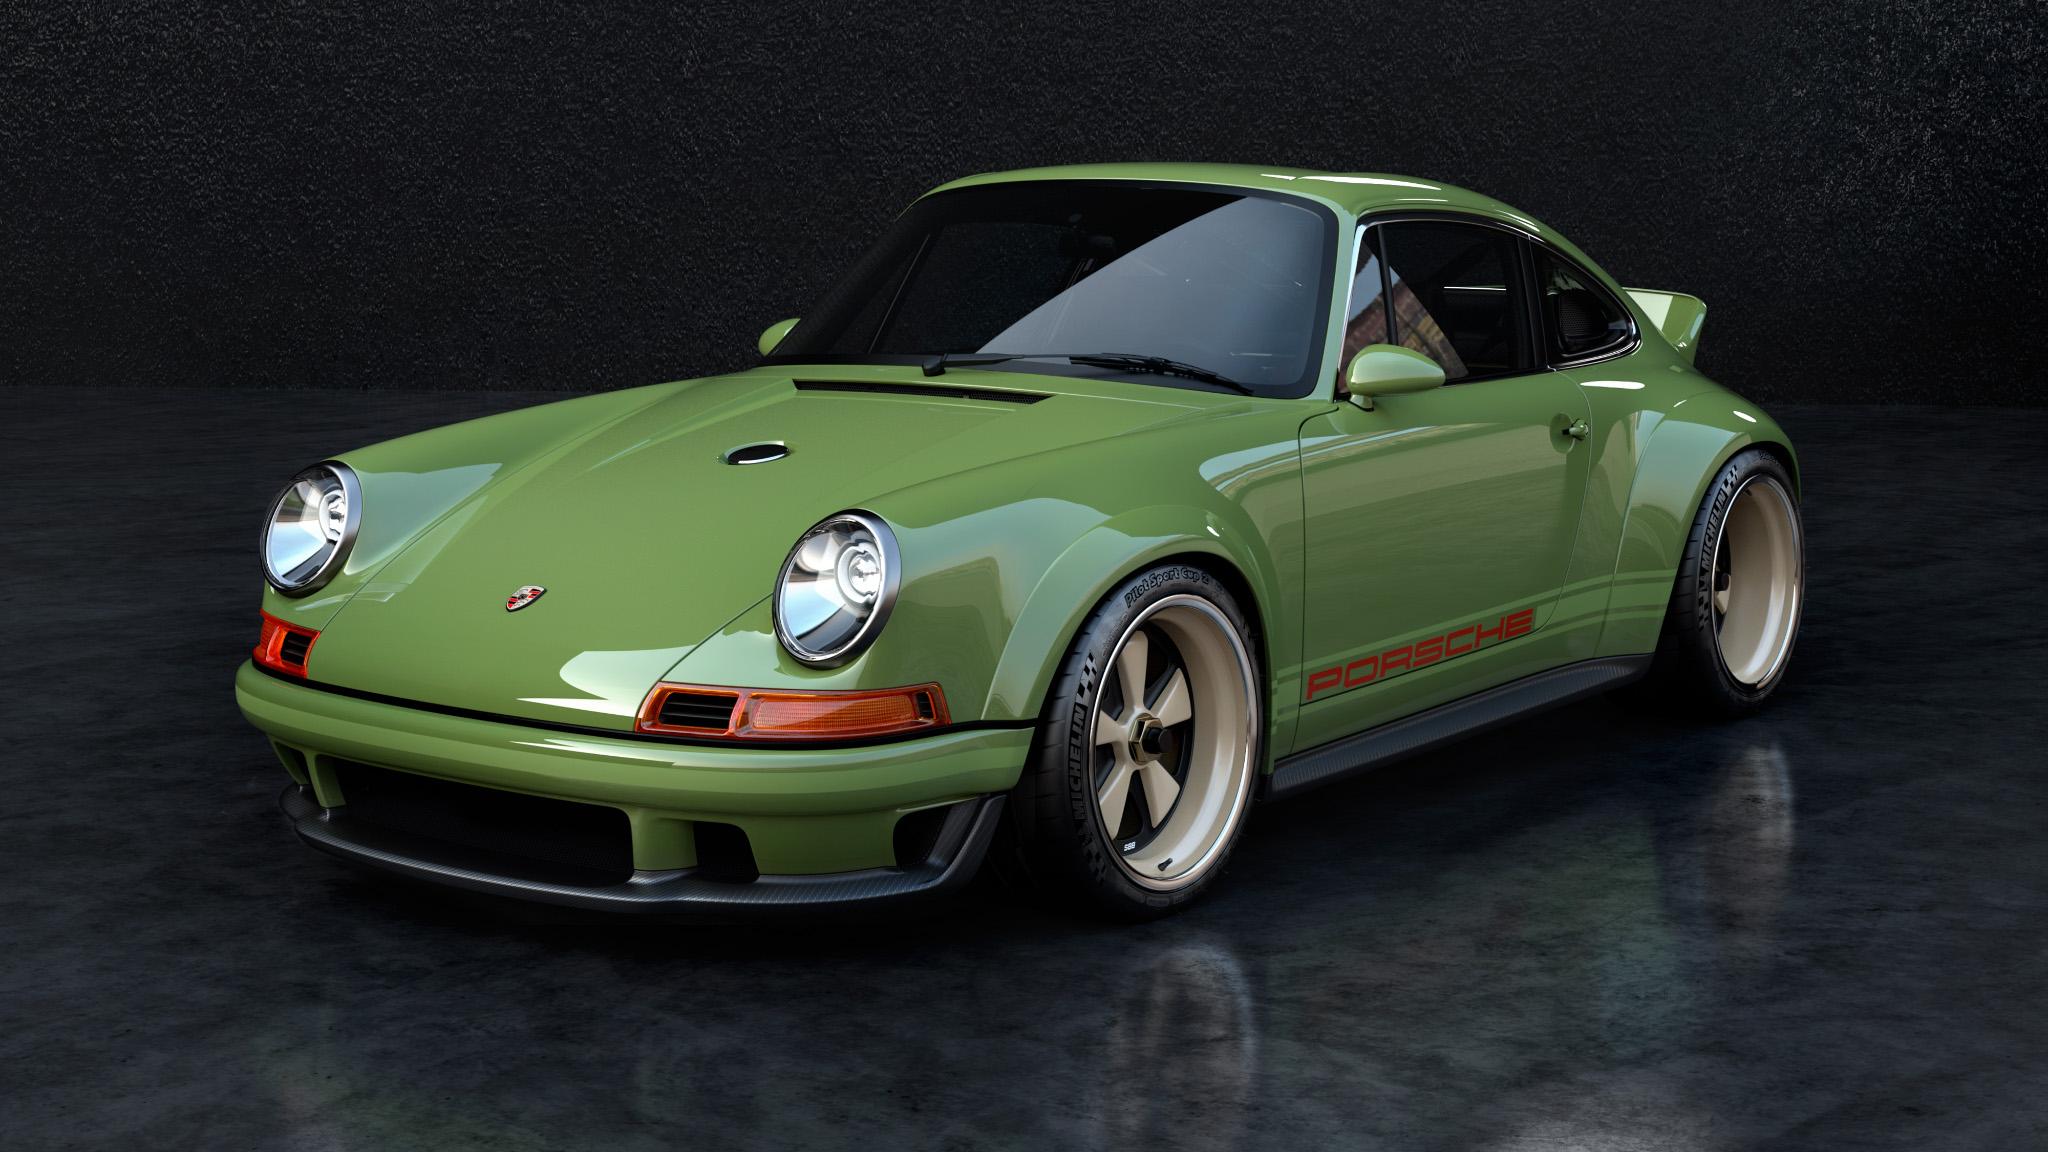 1990 Porsche 911 front left 3/4 high